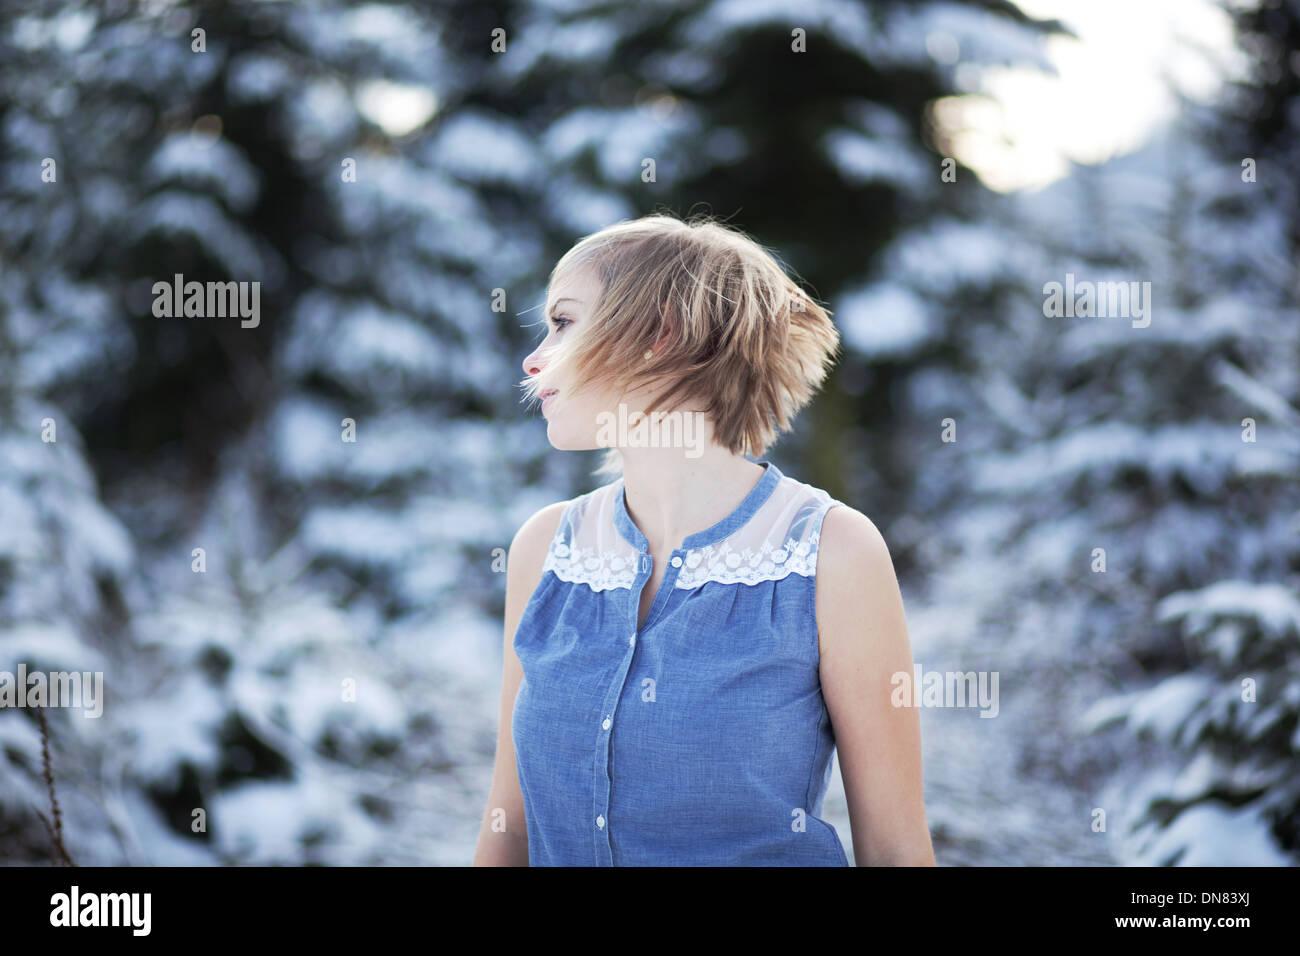 Ritratto di una giovane donna nella neve Foto Stock